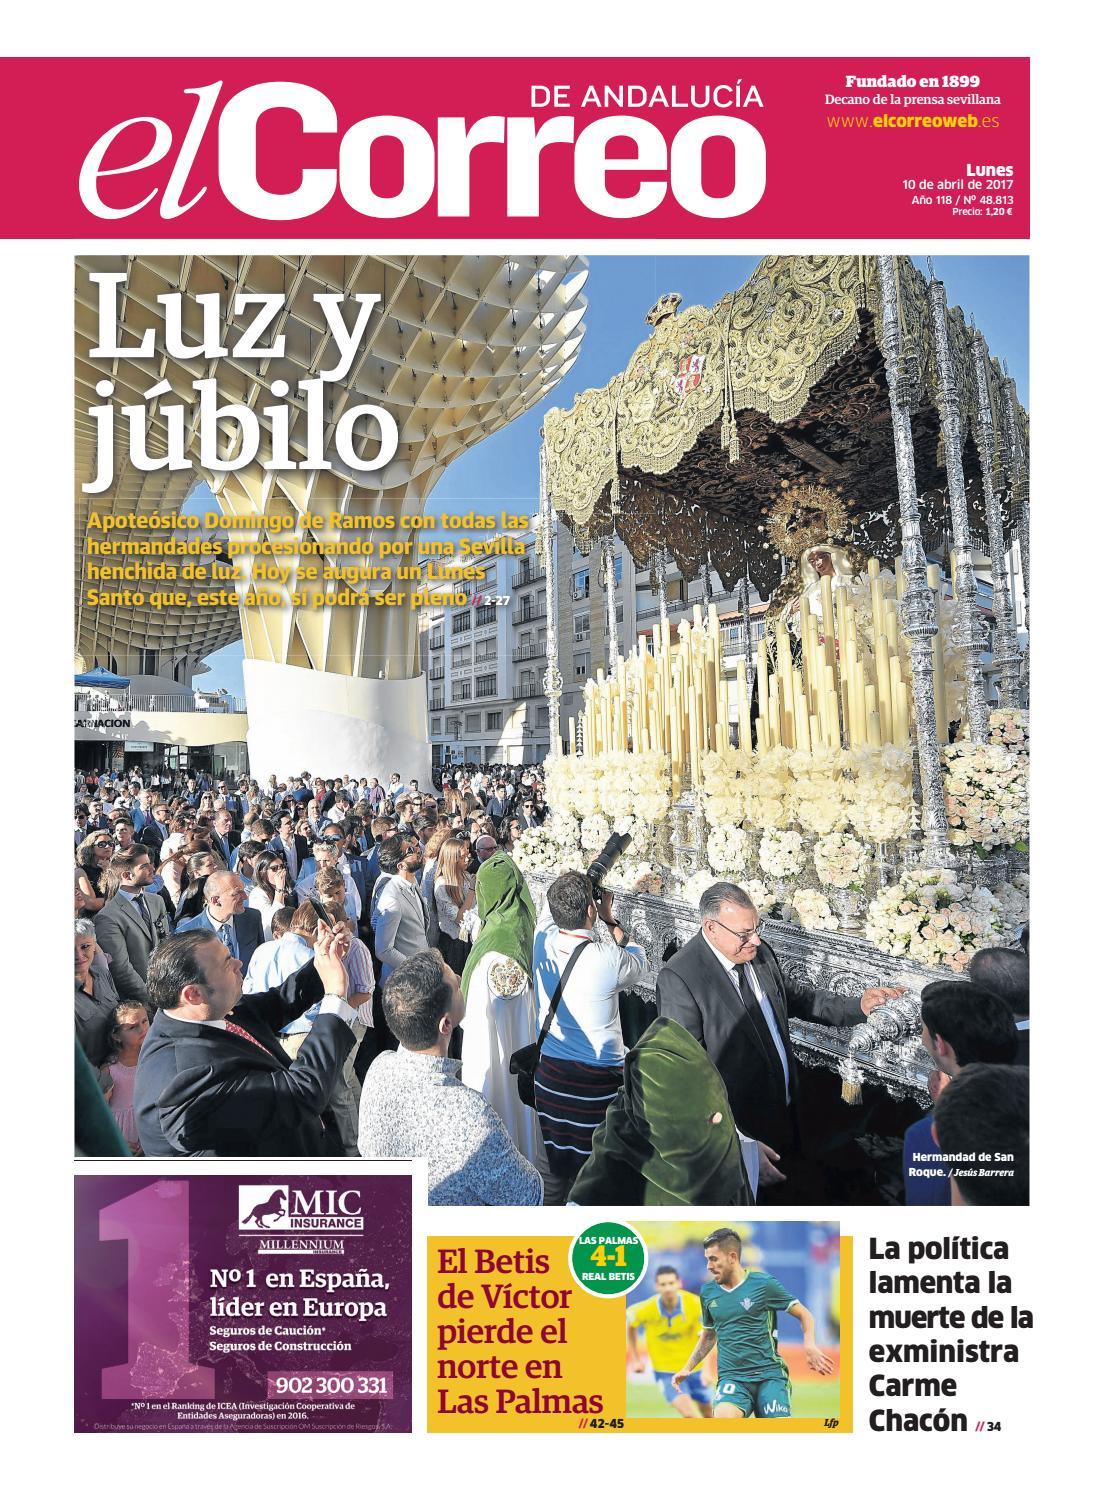 9295c97f093b2 10 04 2017 El Correo de Andalucía by EL CORREO DE ANDALUCÍA S.L. - issuu